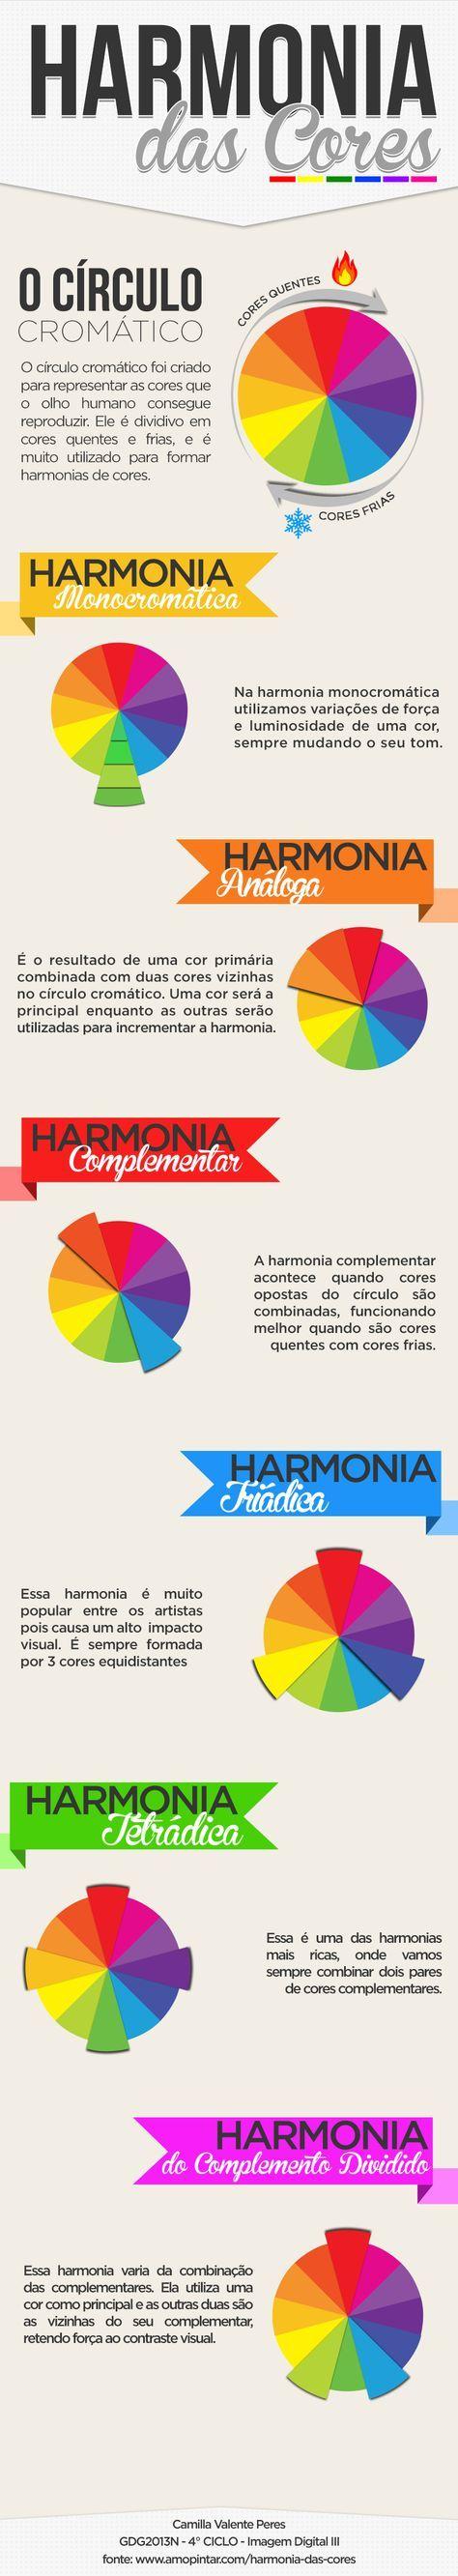 (1) - Entrada - Terra Mail - Message - ricardogbarreto@terra.com.br